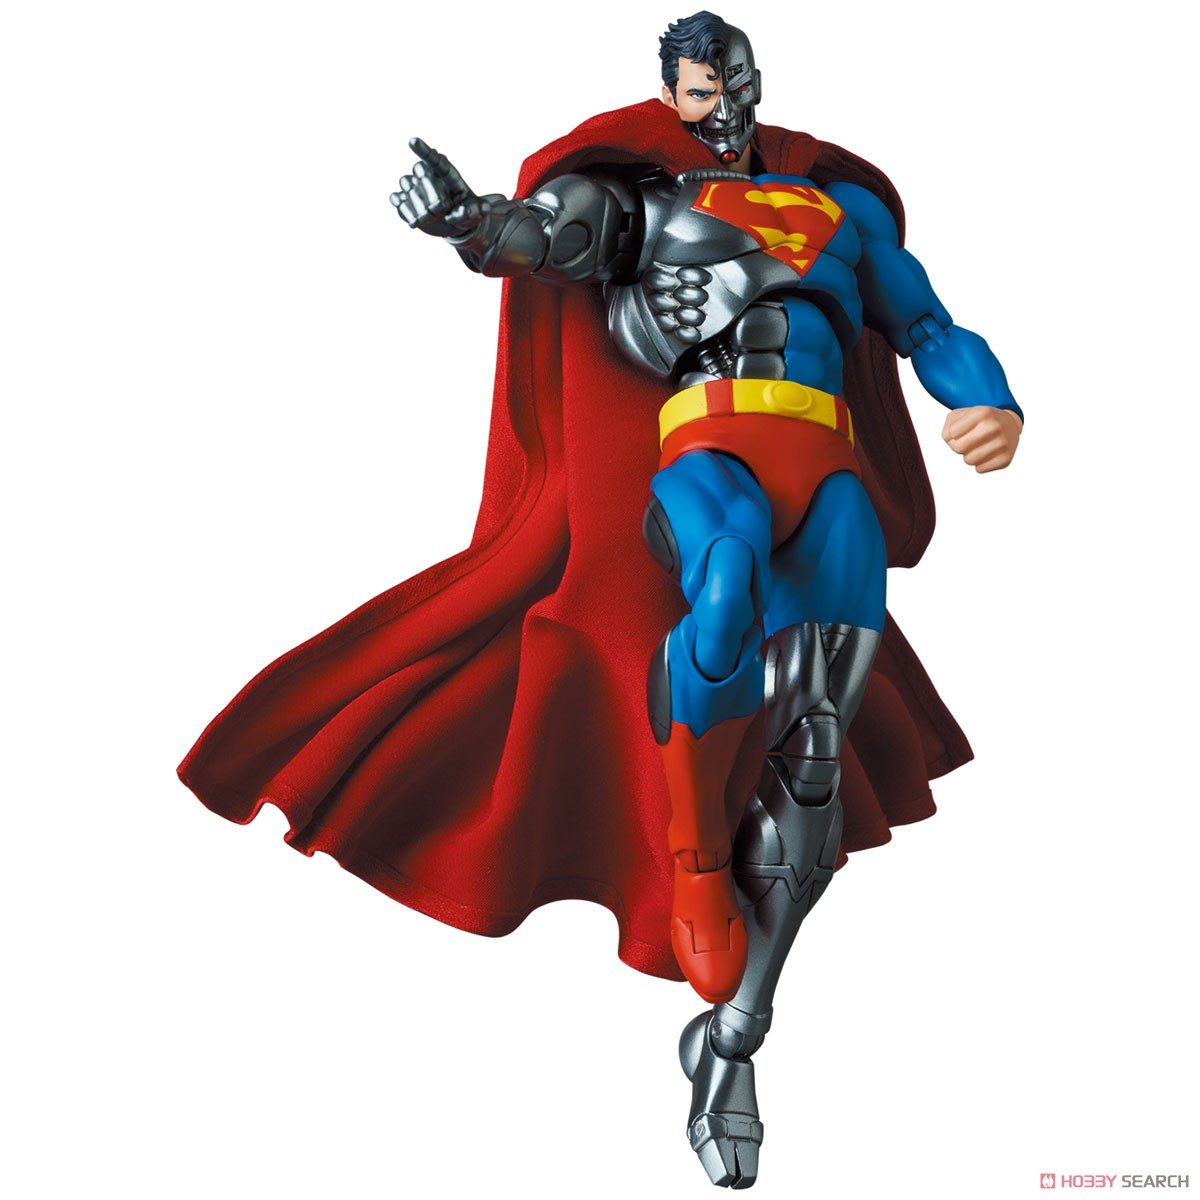 マフェックス No.164 MAFEX『サイボーグ スーパーマン/CYBORG SUPERMAN(RETURN OF SUPERMAN)』リターン・オブ・スーパーマン 可動フィギュア-011